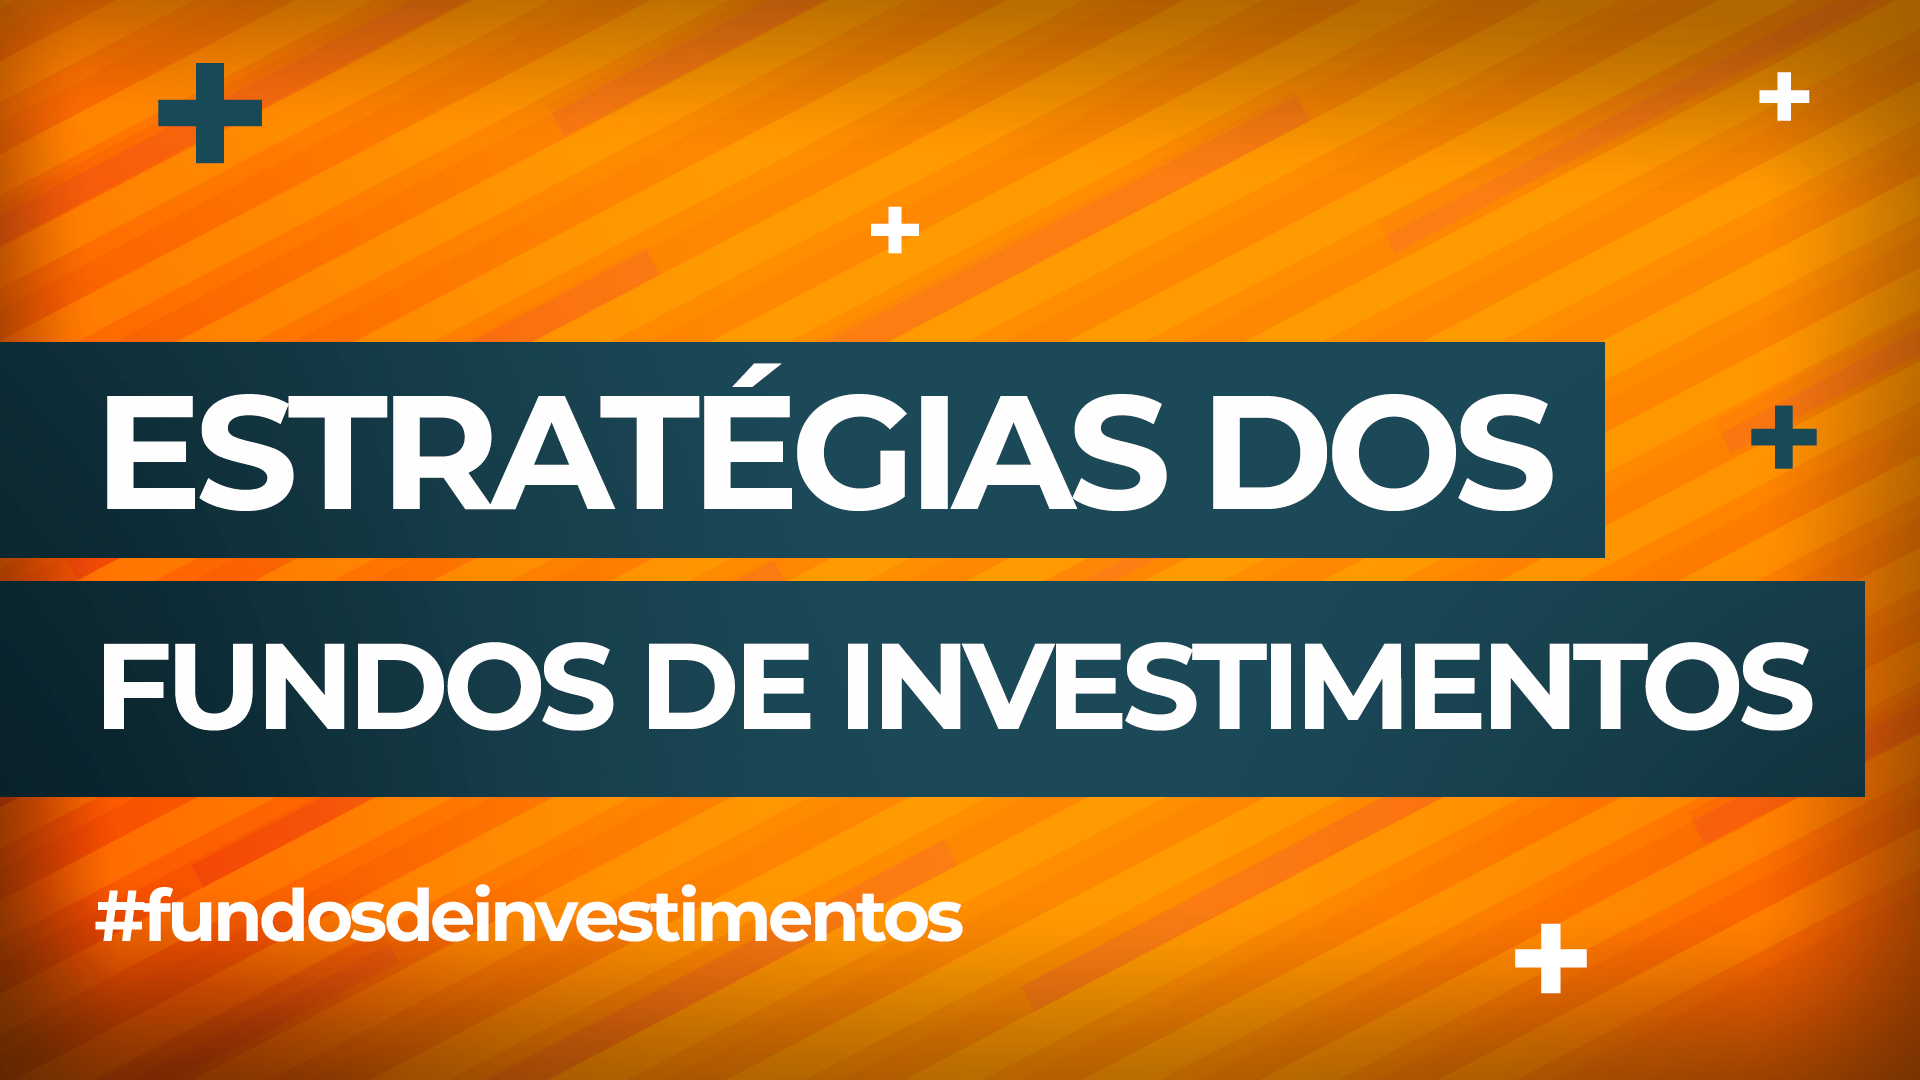 Fundos de investimentos: conheça as principais estratégias